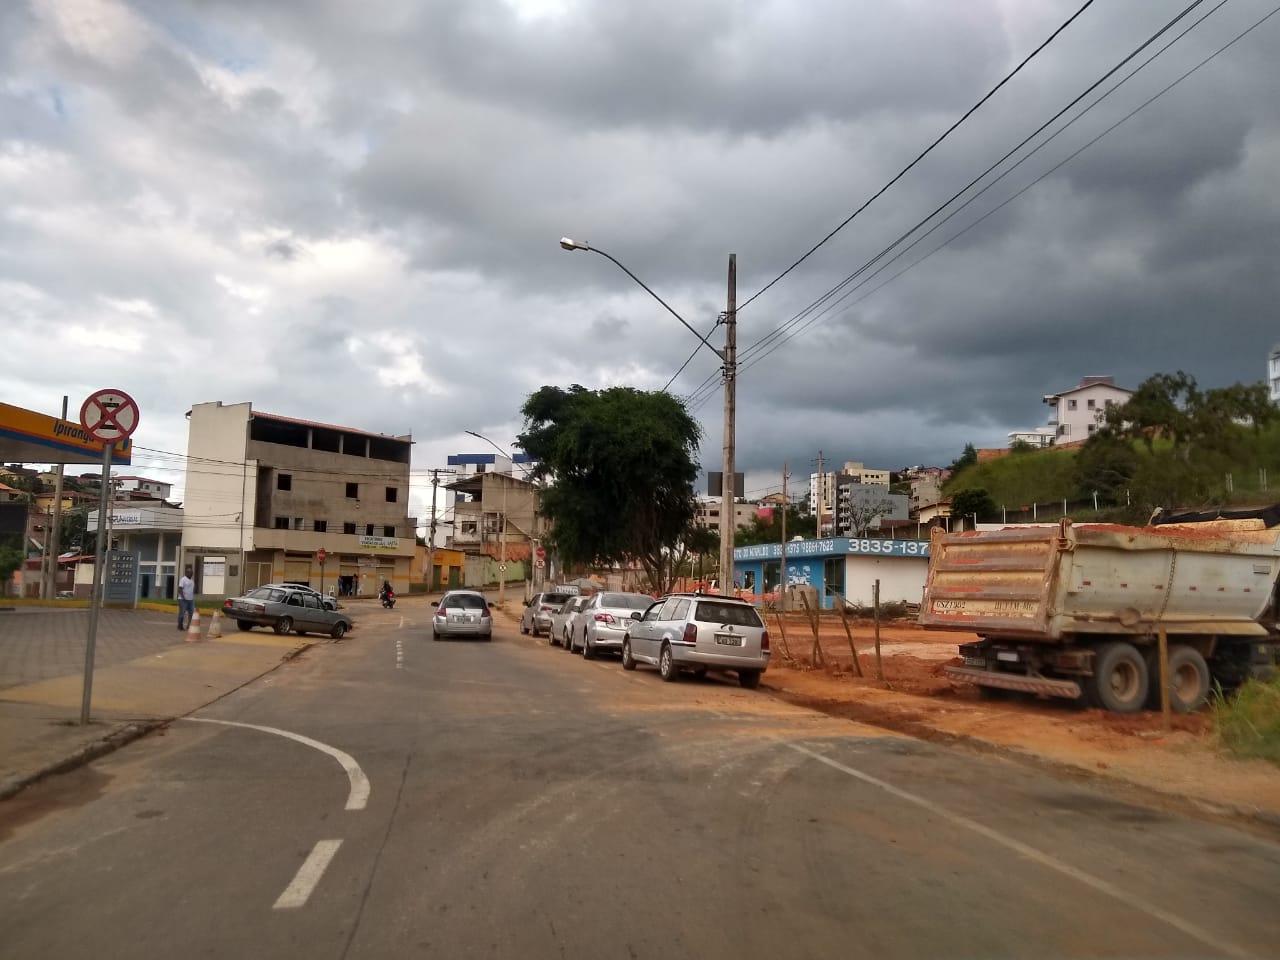 regiao-do-gabiroba-tera-mudancas-profundas-no-transito-nos-proximos-dias (3)